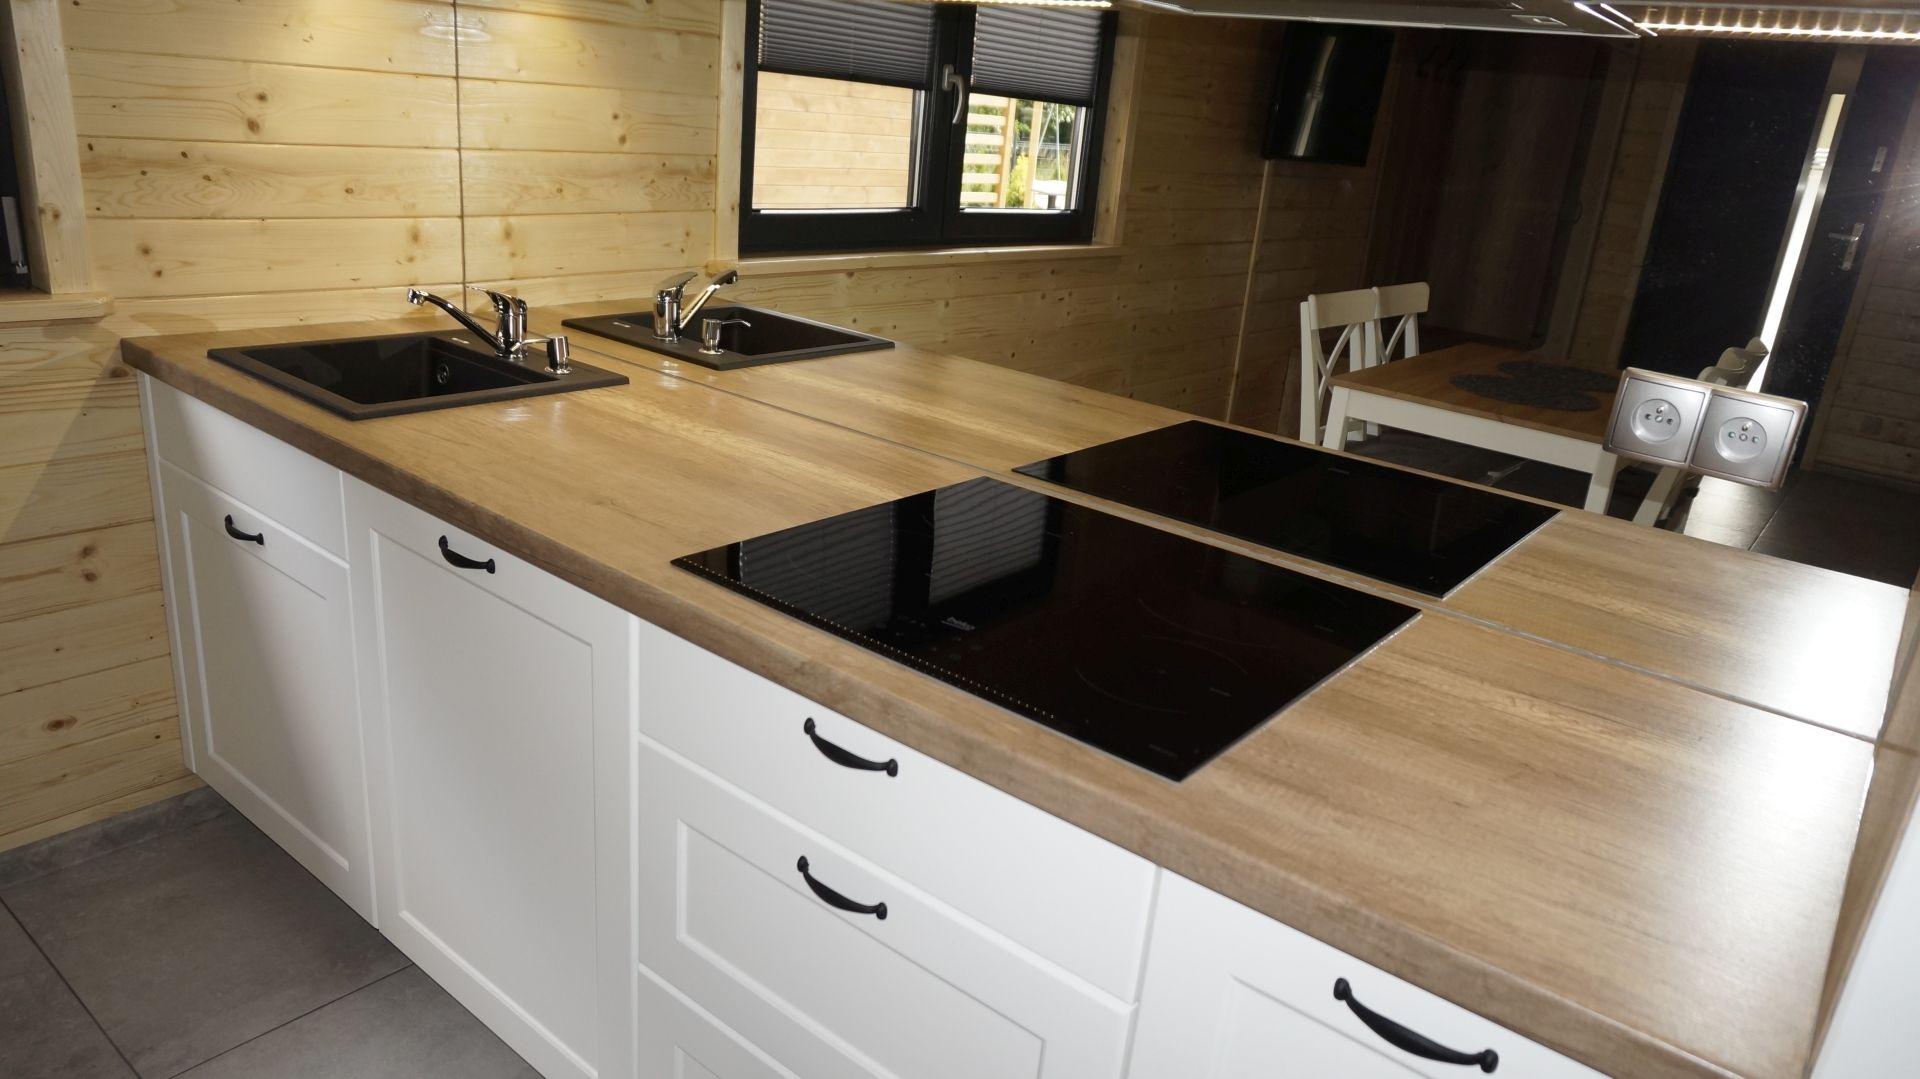 Kompleksowa Realizacja Mebli Na Wymiar W Plazowyzakatek Meble Blat Lustro Kuchnia Meblekuchenne Nowoczesnakuchnia Bialak Kitchen Kitchen Cabinets Decor